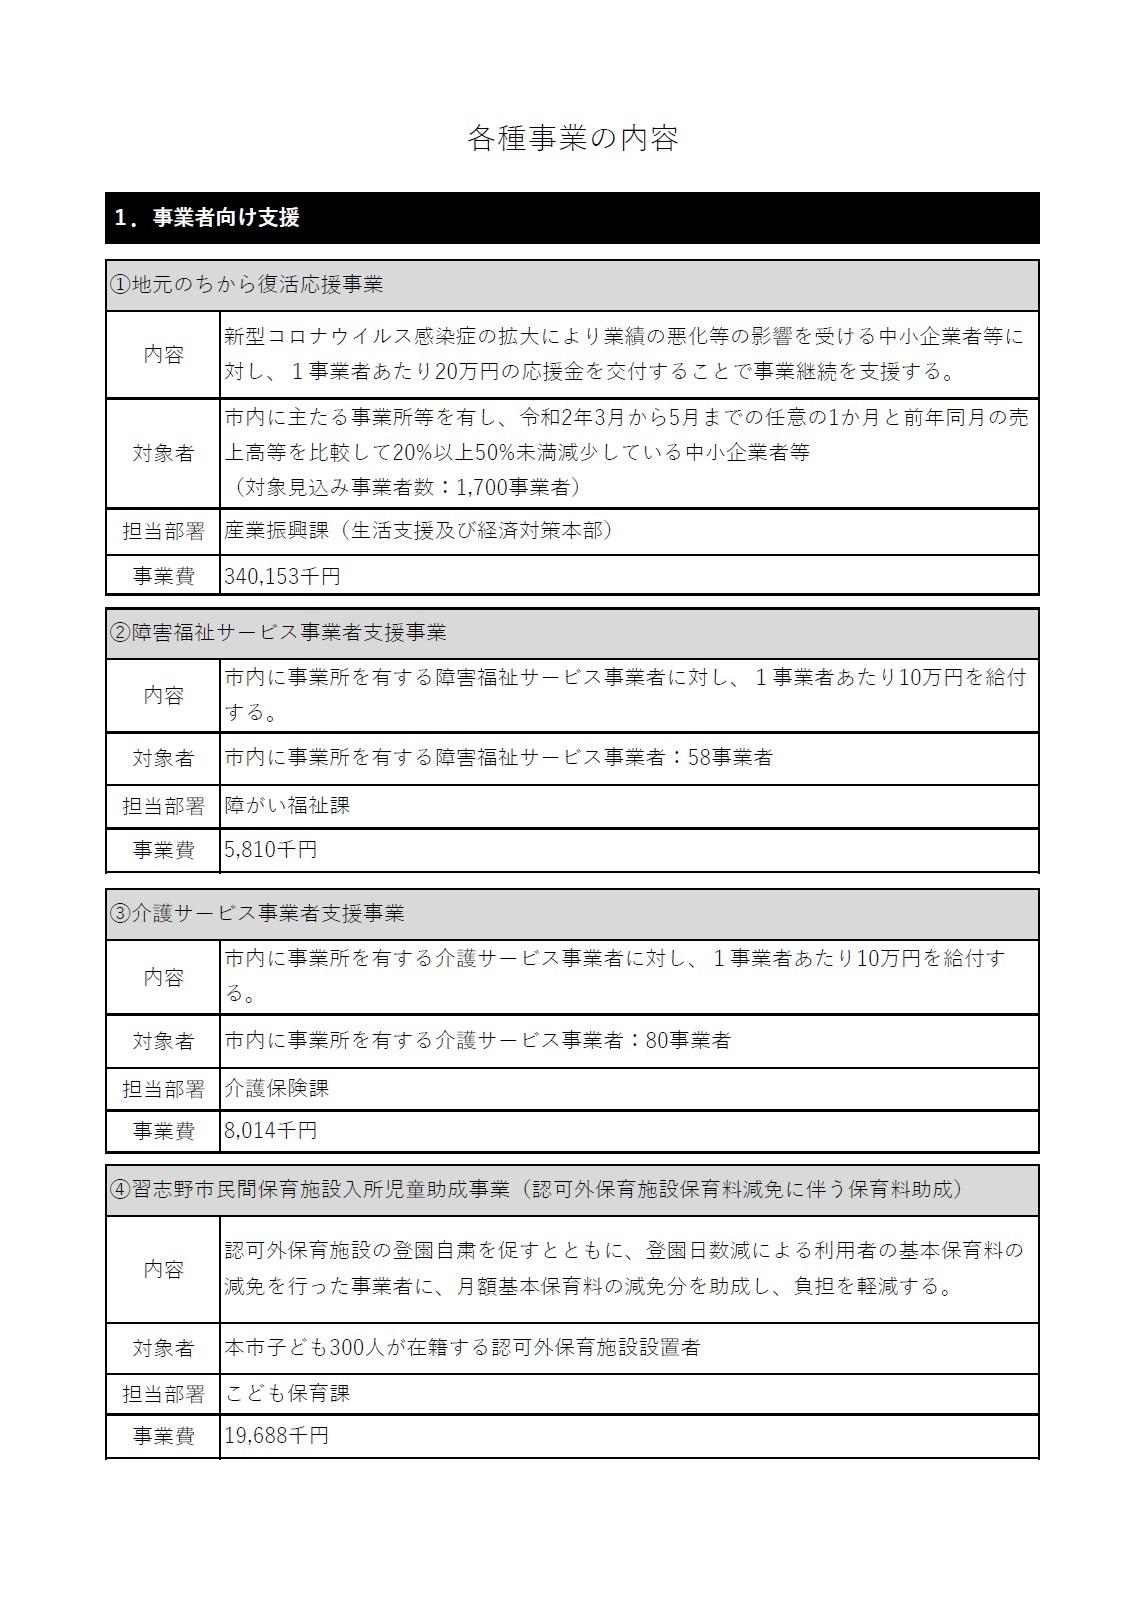 新型コロナ対策の各種支援策、給付金の書類発送の状況など・・・議案勉強会_c0236527_00125804.jpg